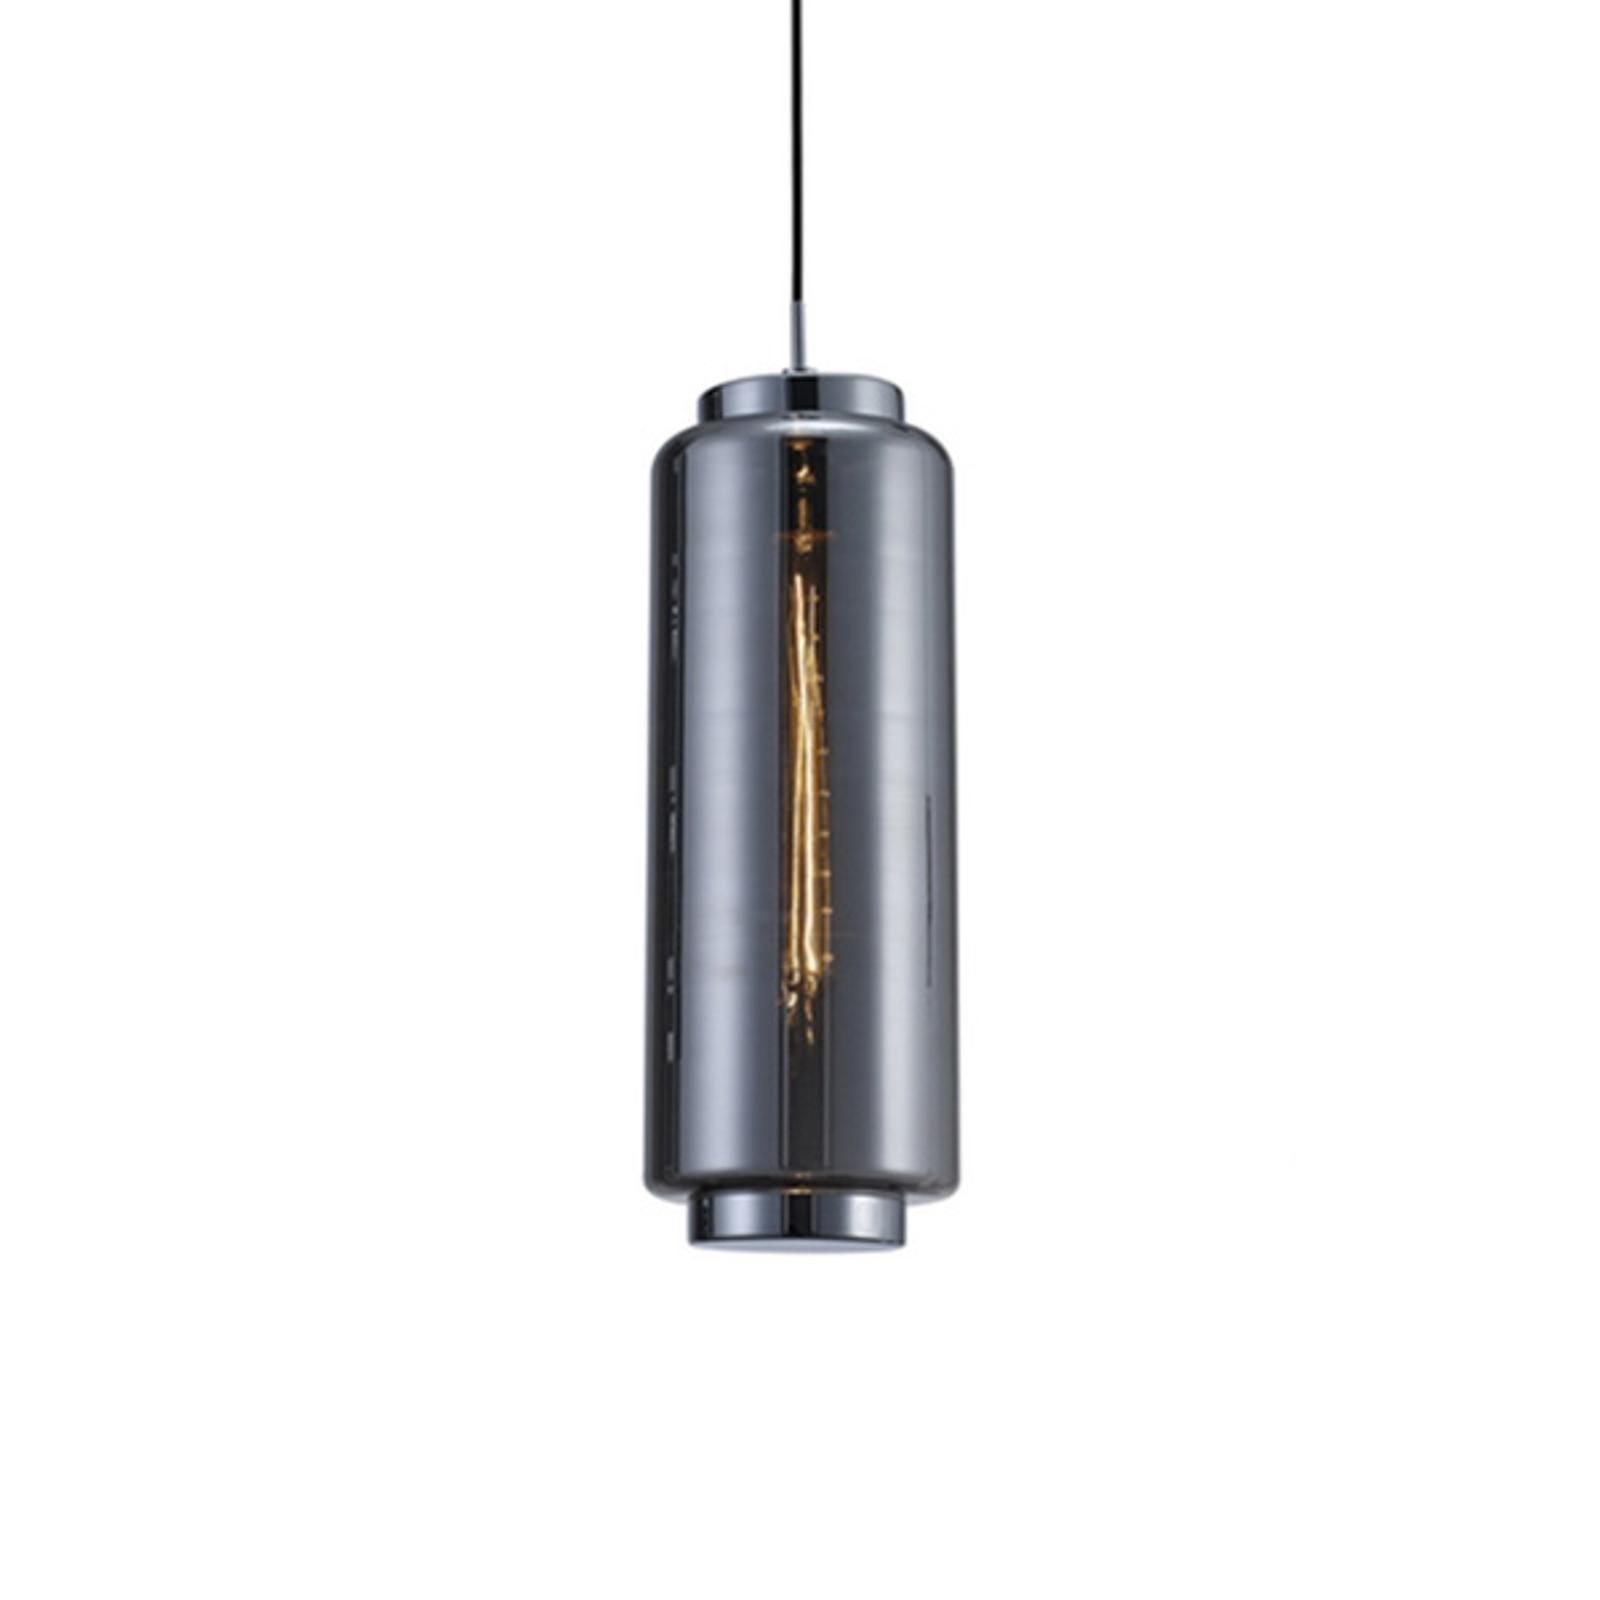 Szklana lampa wisząca Jarras, 53,5 cm, chrom